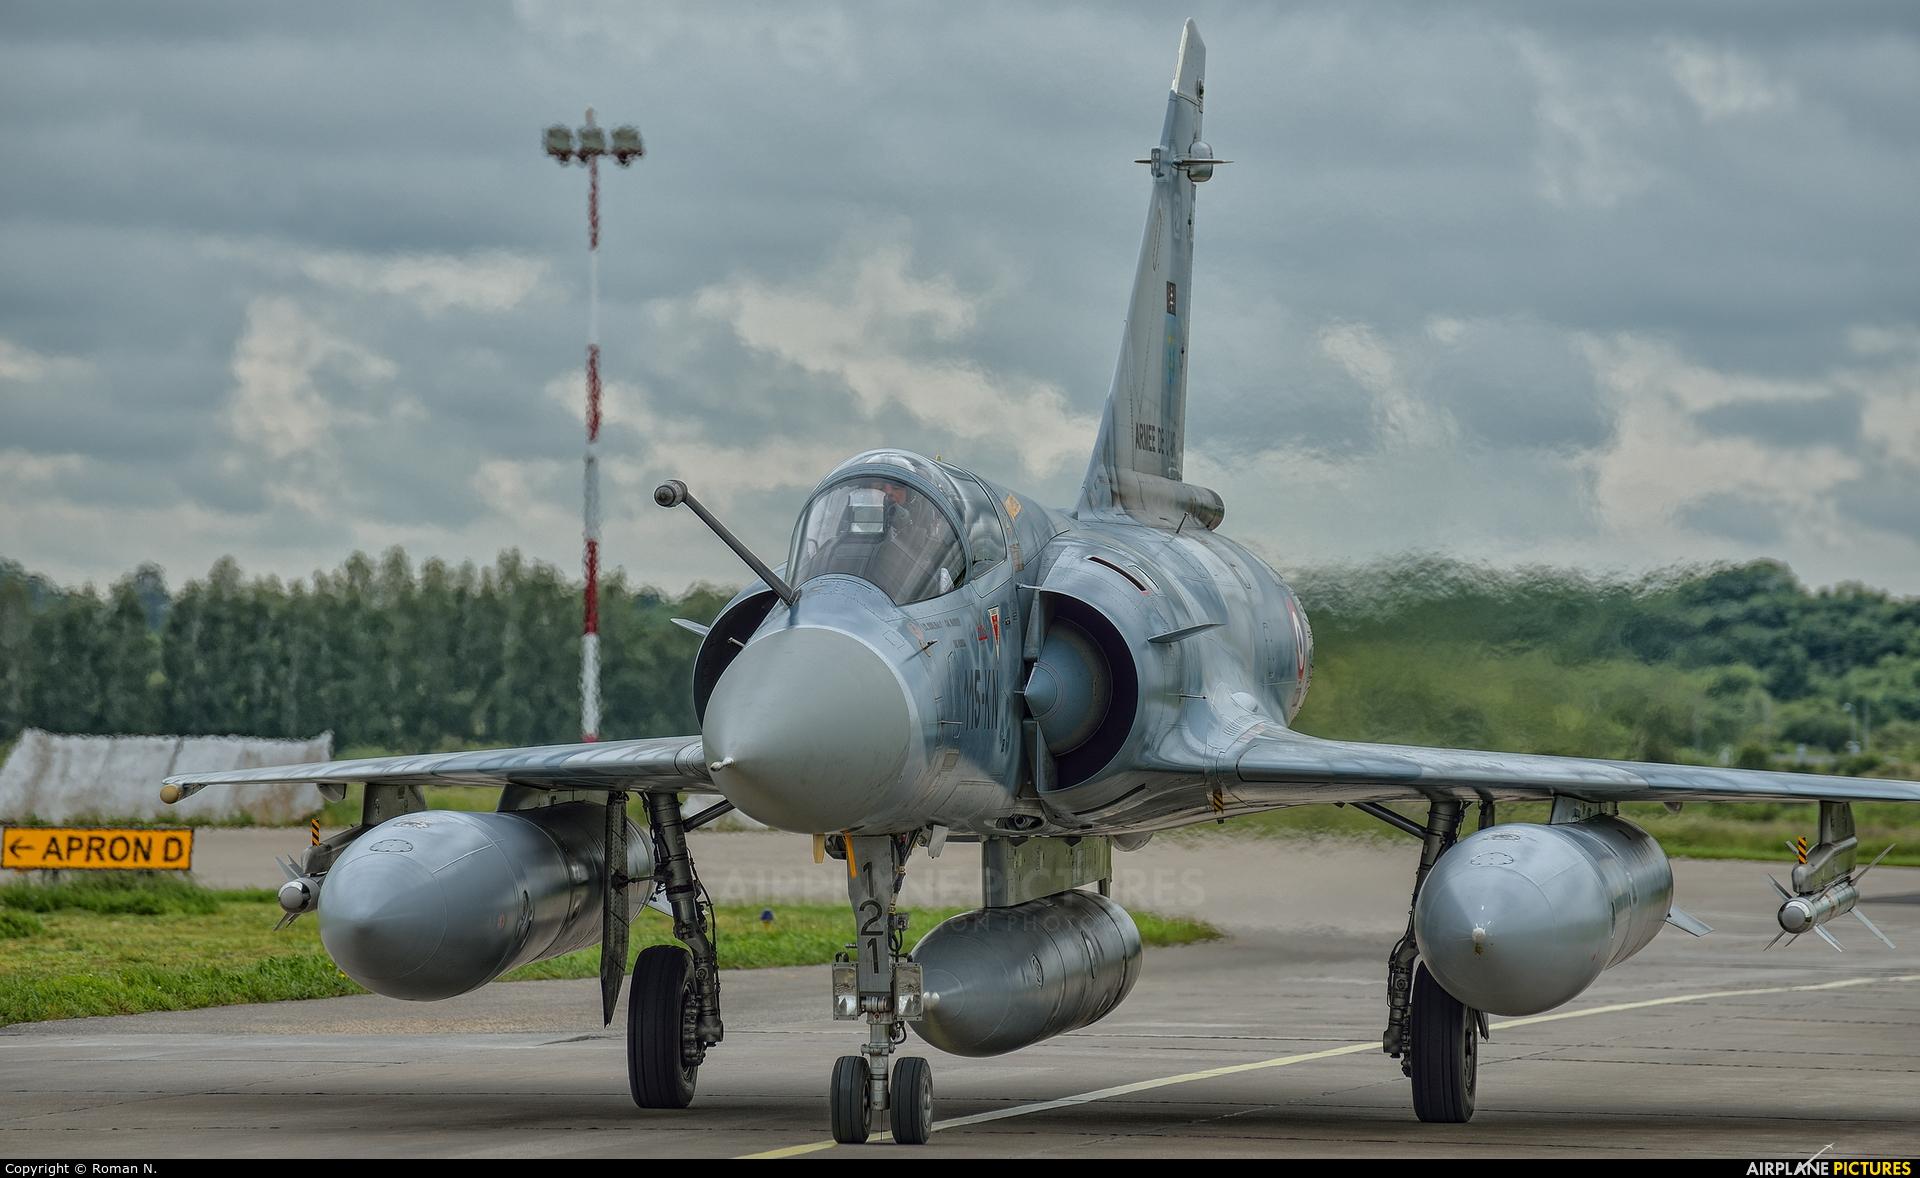 France - Air Force 121 aircraft at Malbork